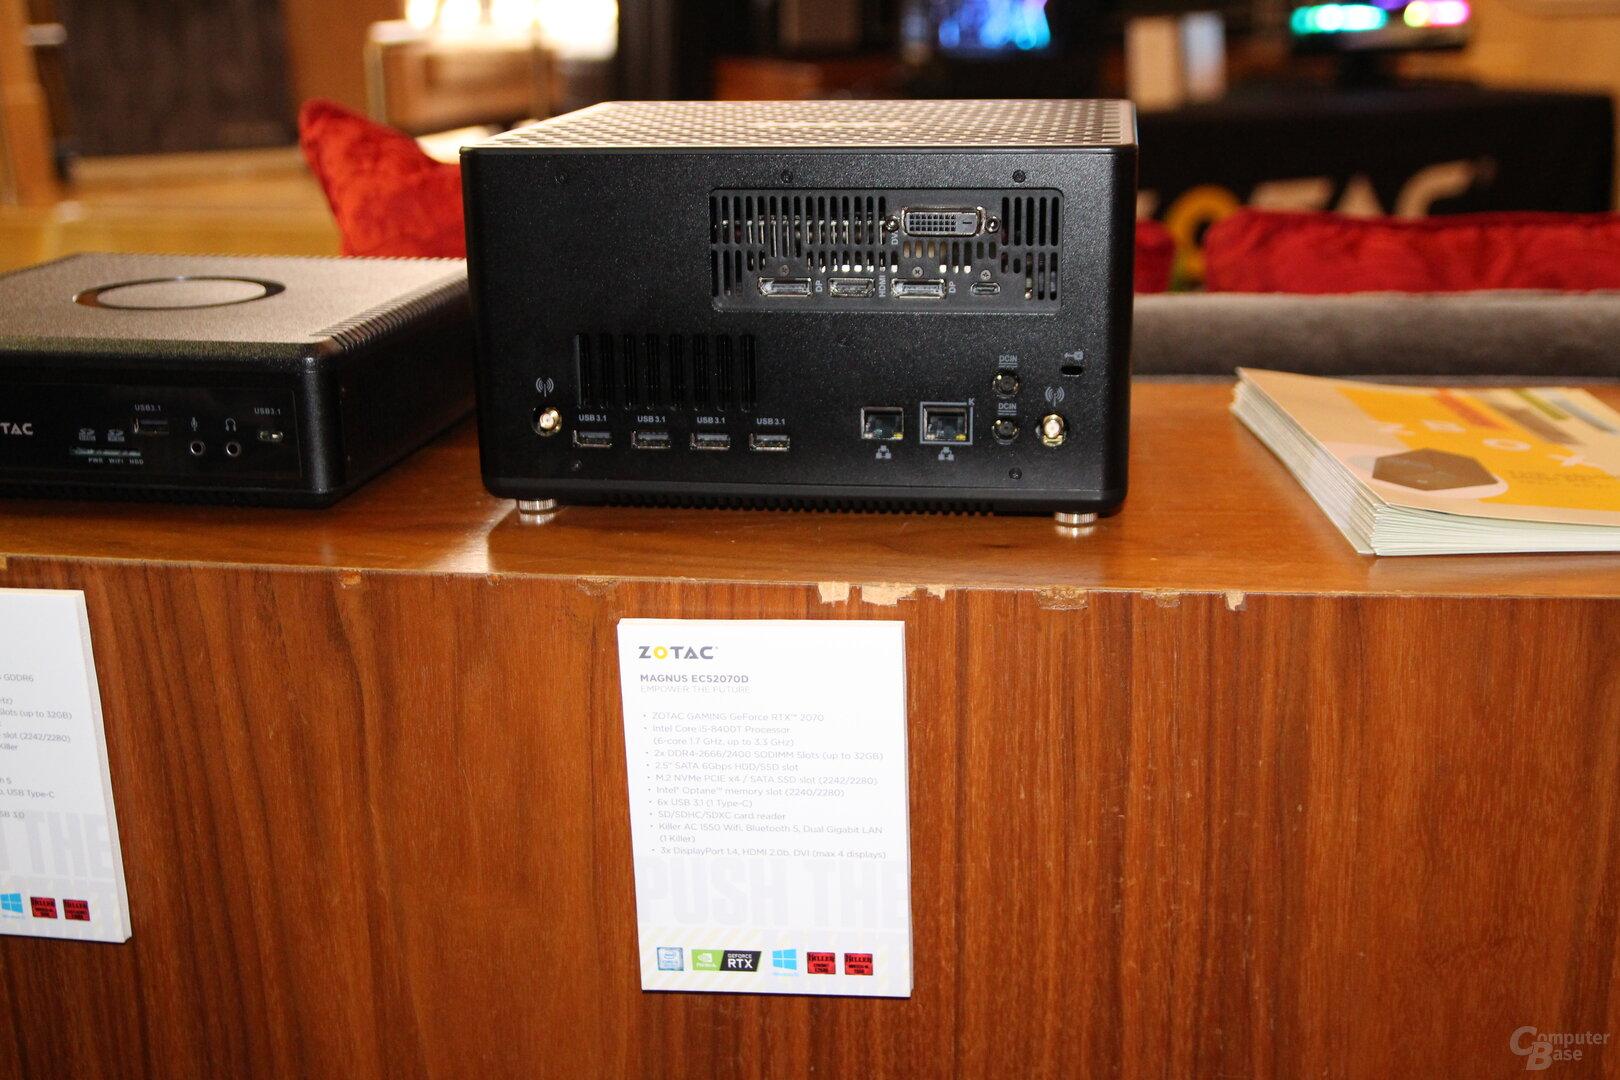 Zotac ECS52070D